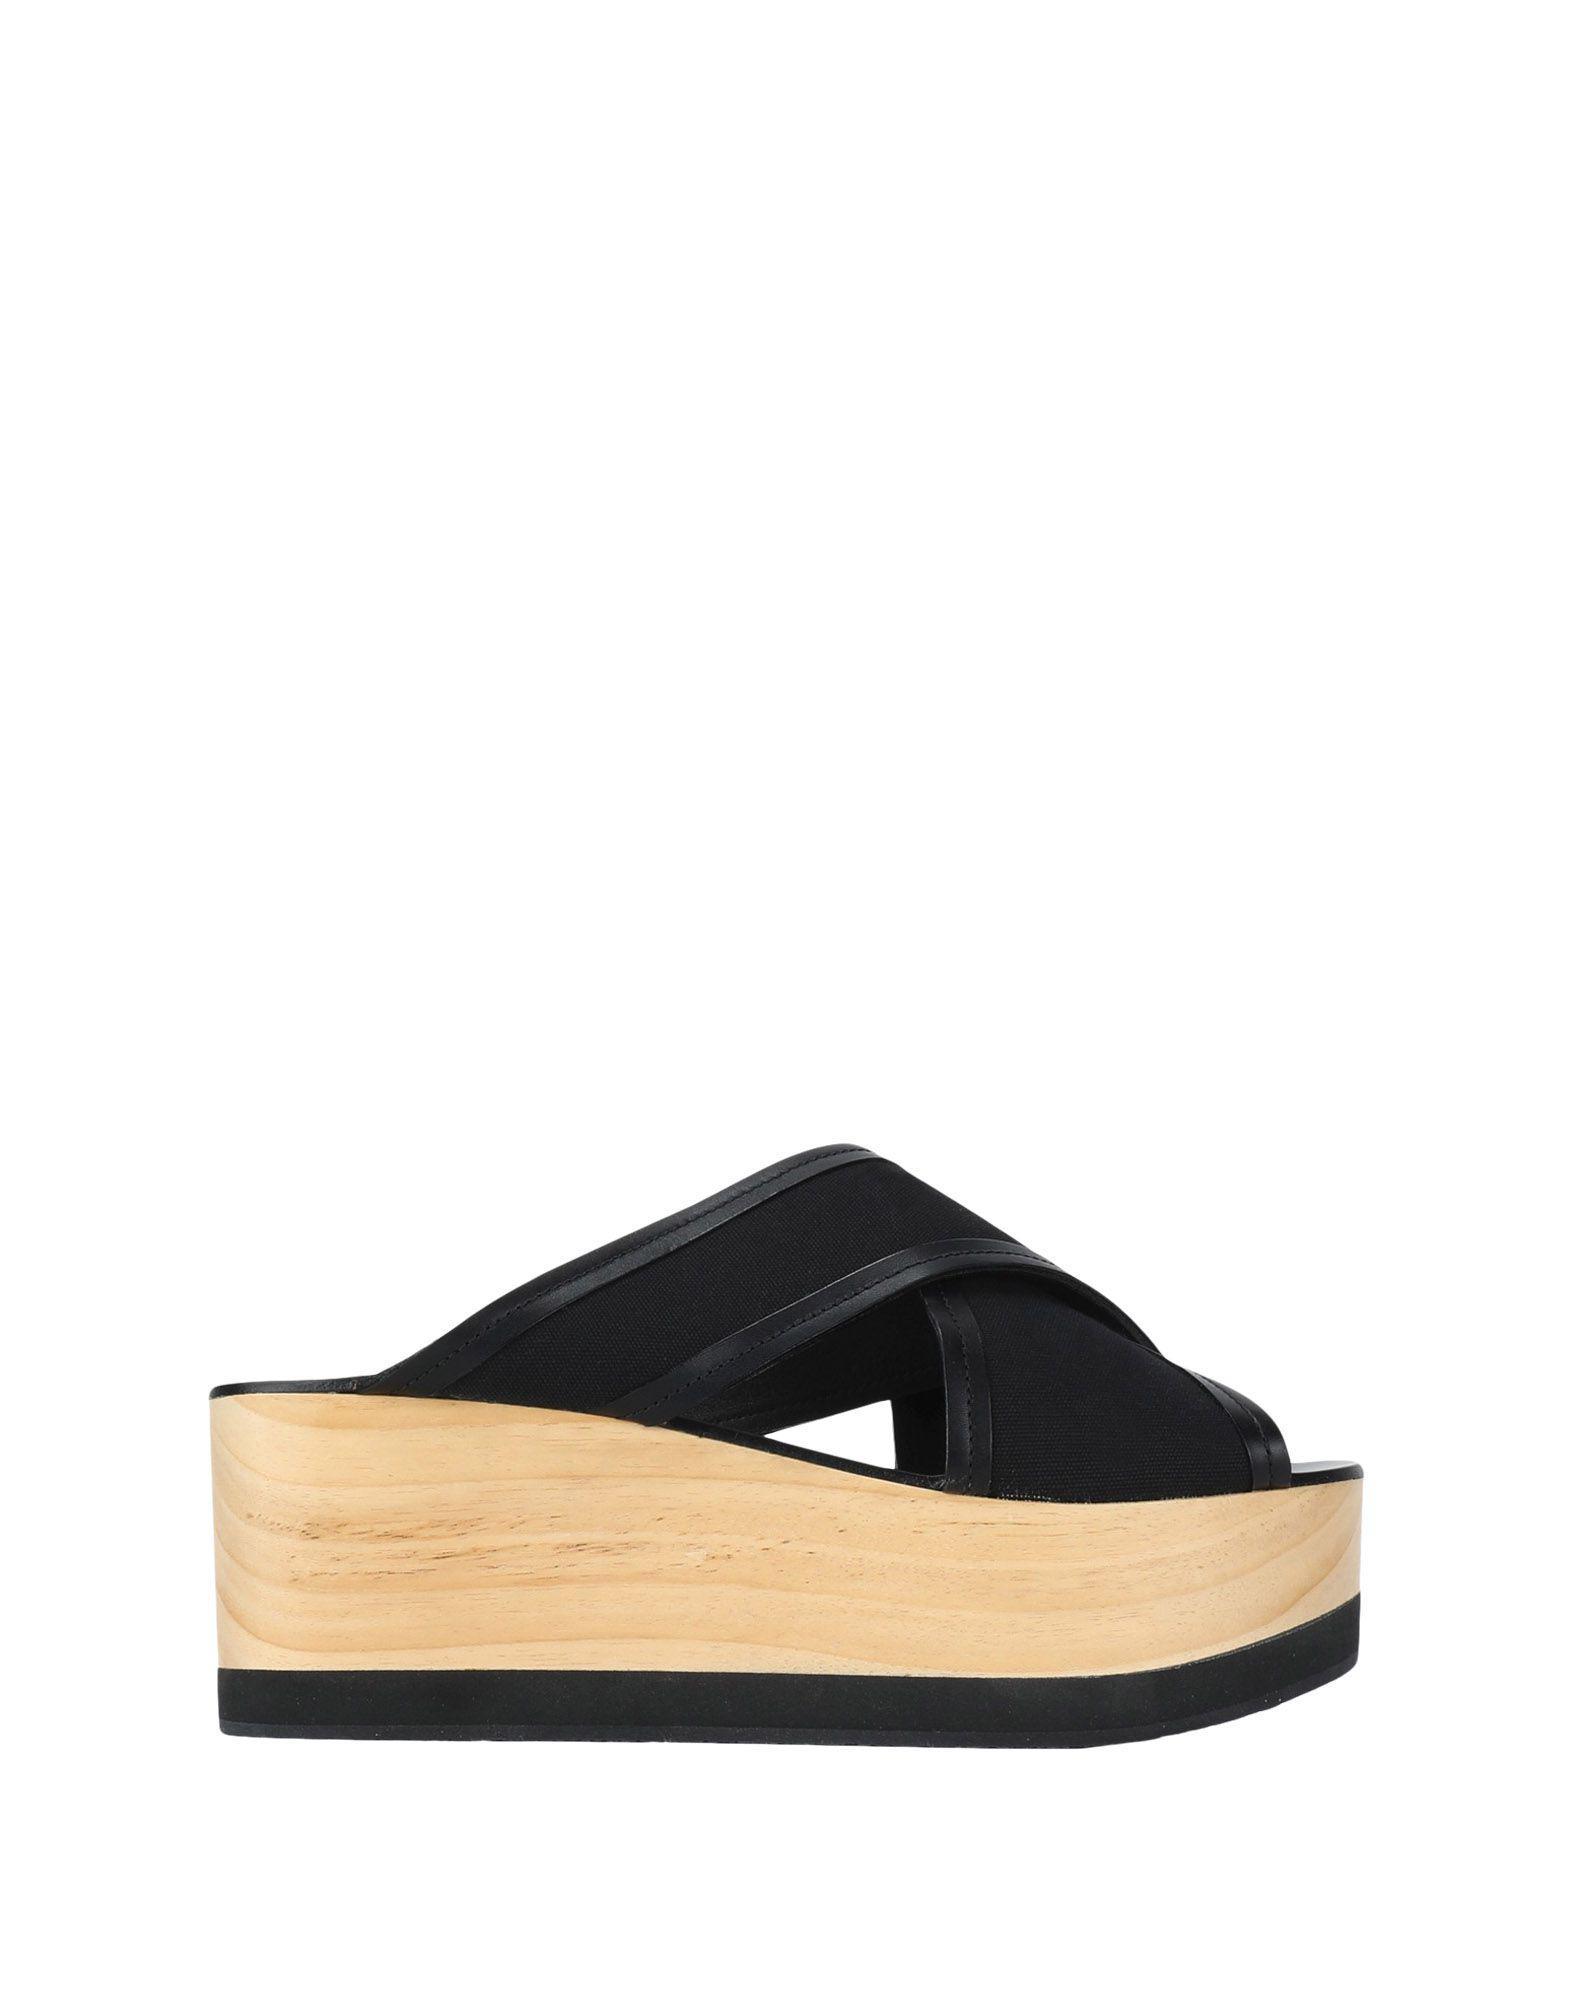 67abb180b49 Lyst - Isabel Marant Sandals in Black